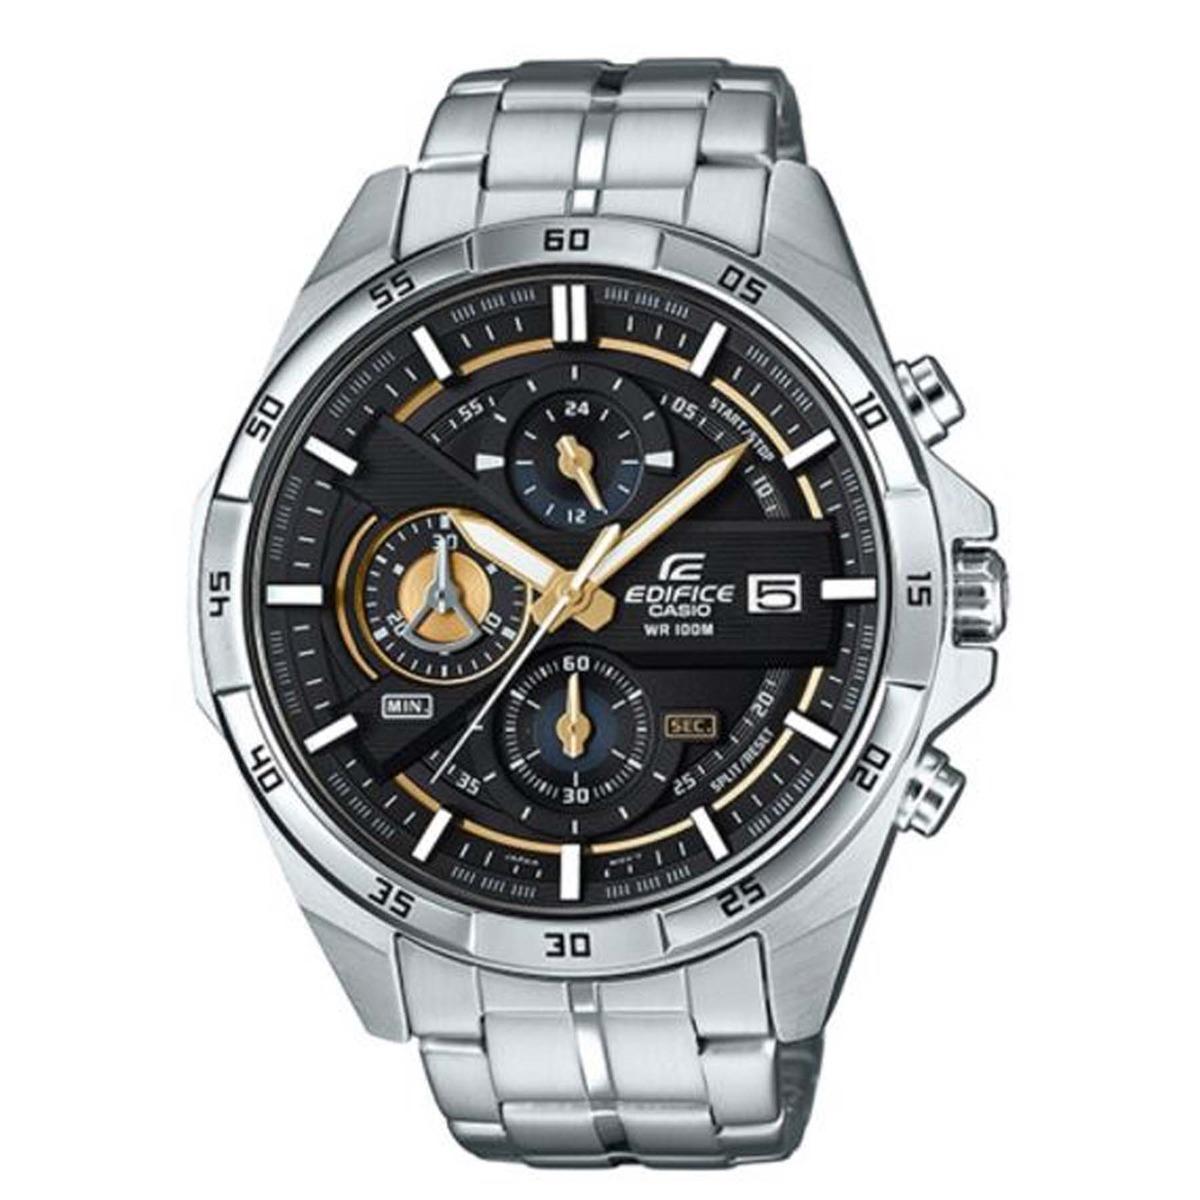 6664e361275 Relógio Casio Edifice Cronógrafo Masculino Analógico Efr-556 - R ...